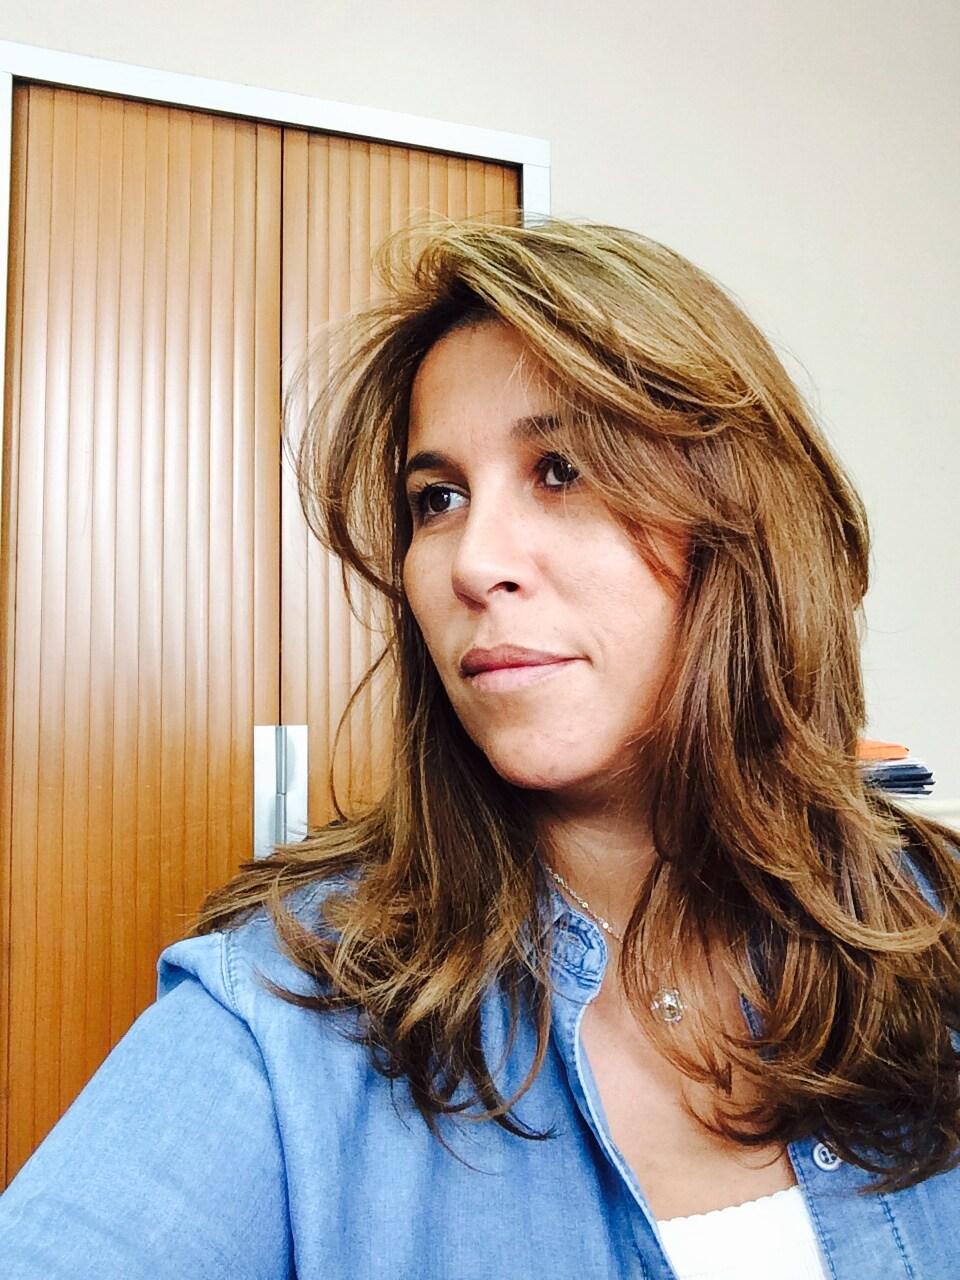 Seltana from Agadir